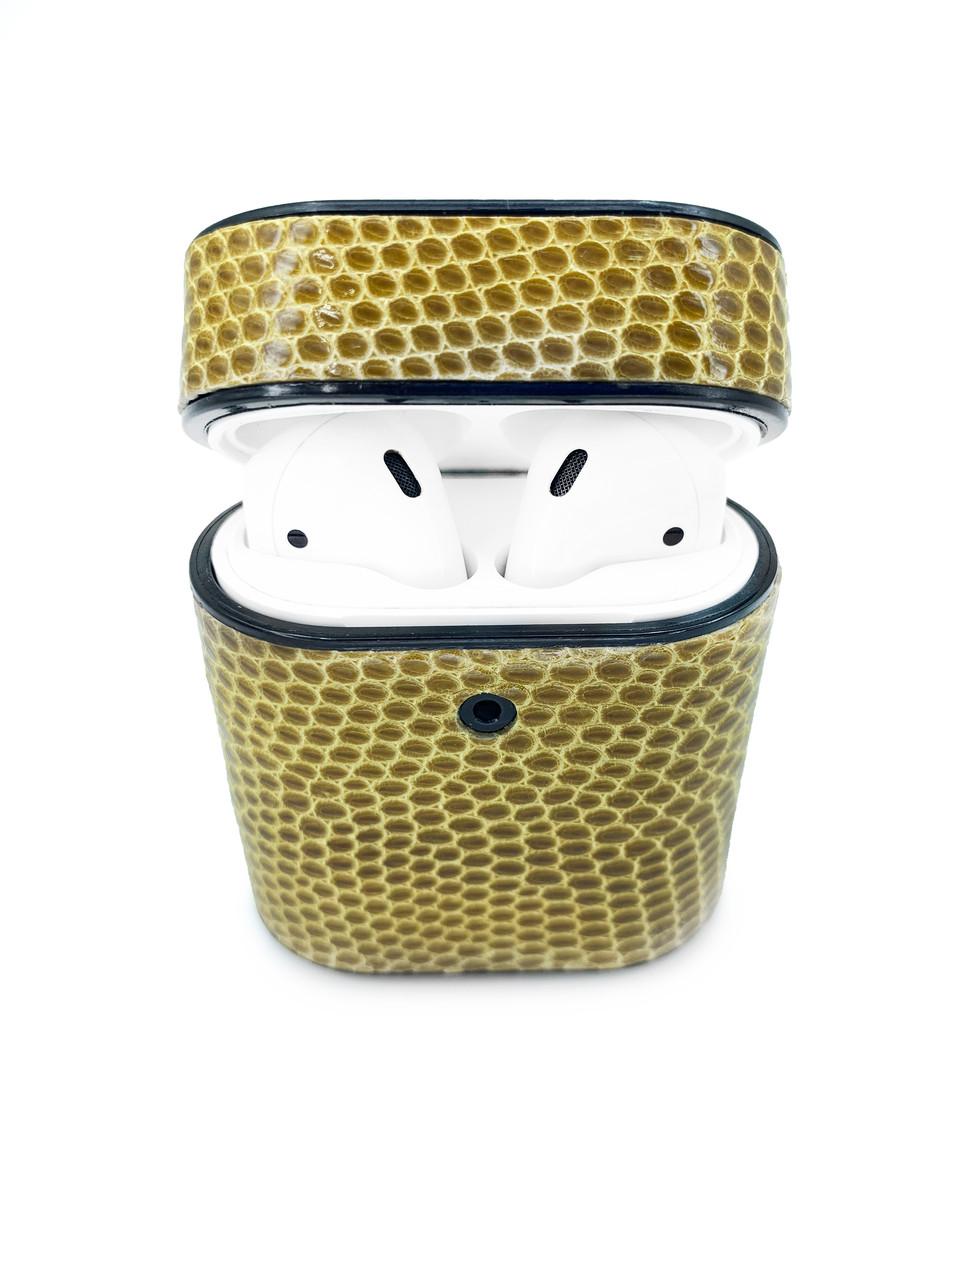 Чехол для AirPods 1/2 жёлтого цвета из кожи Игуаны